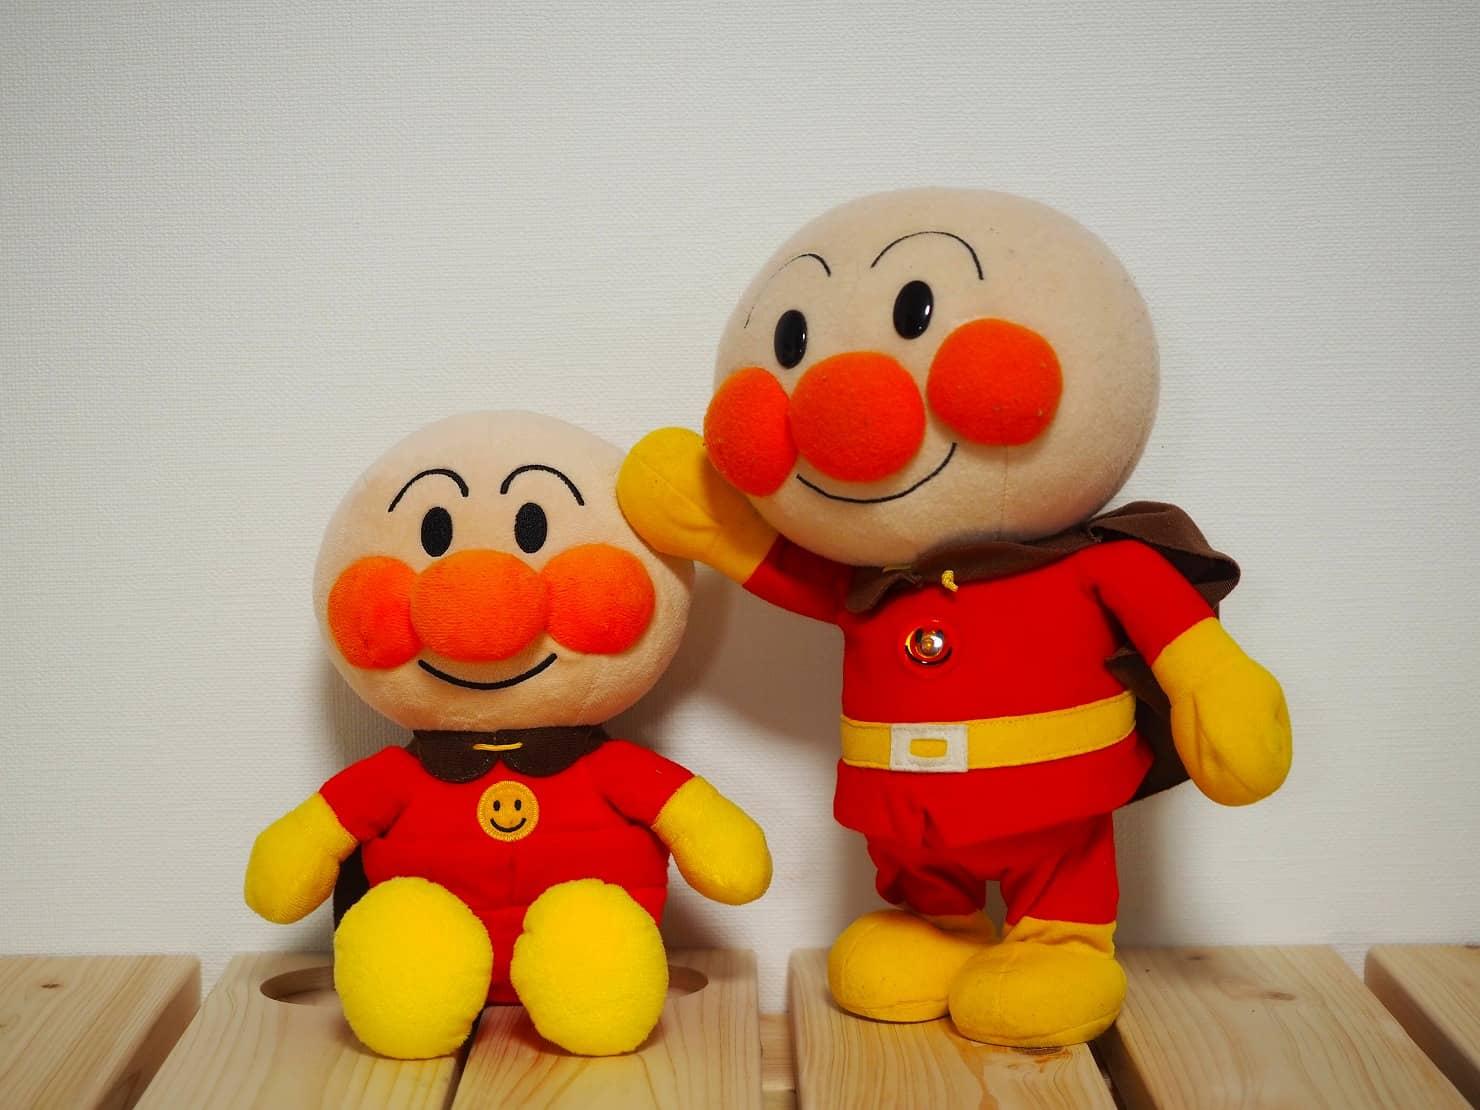 アンパンマンおもちゃの人気ランキング15選! 0・1・2歳編